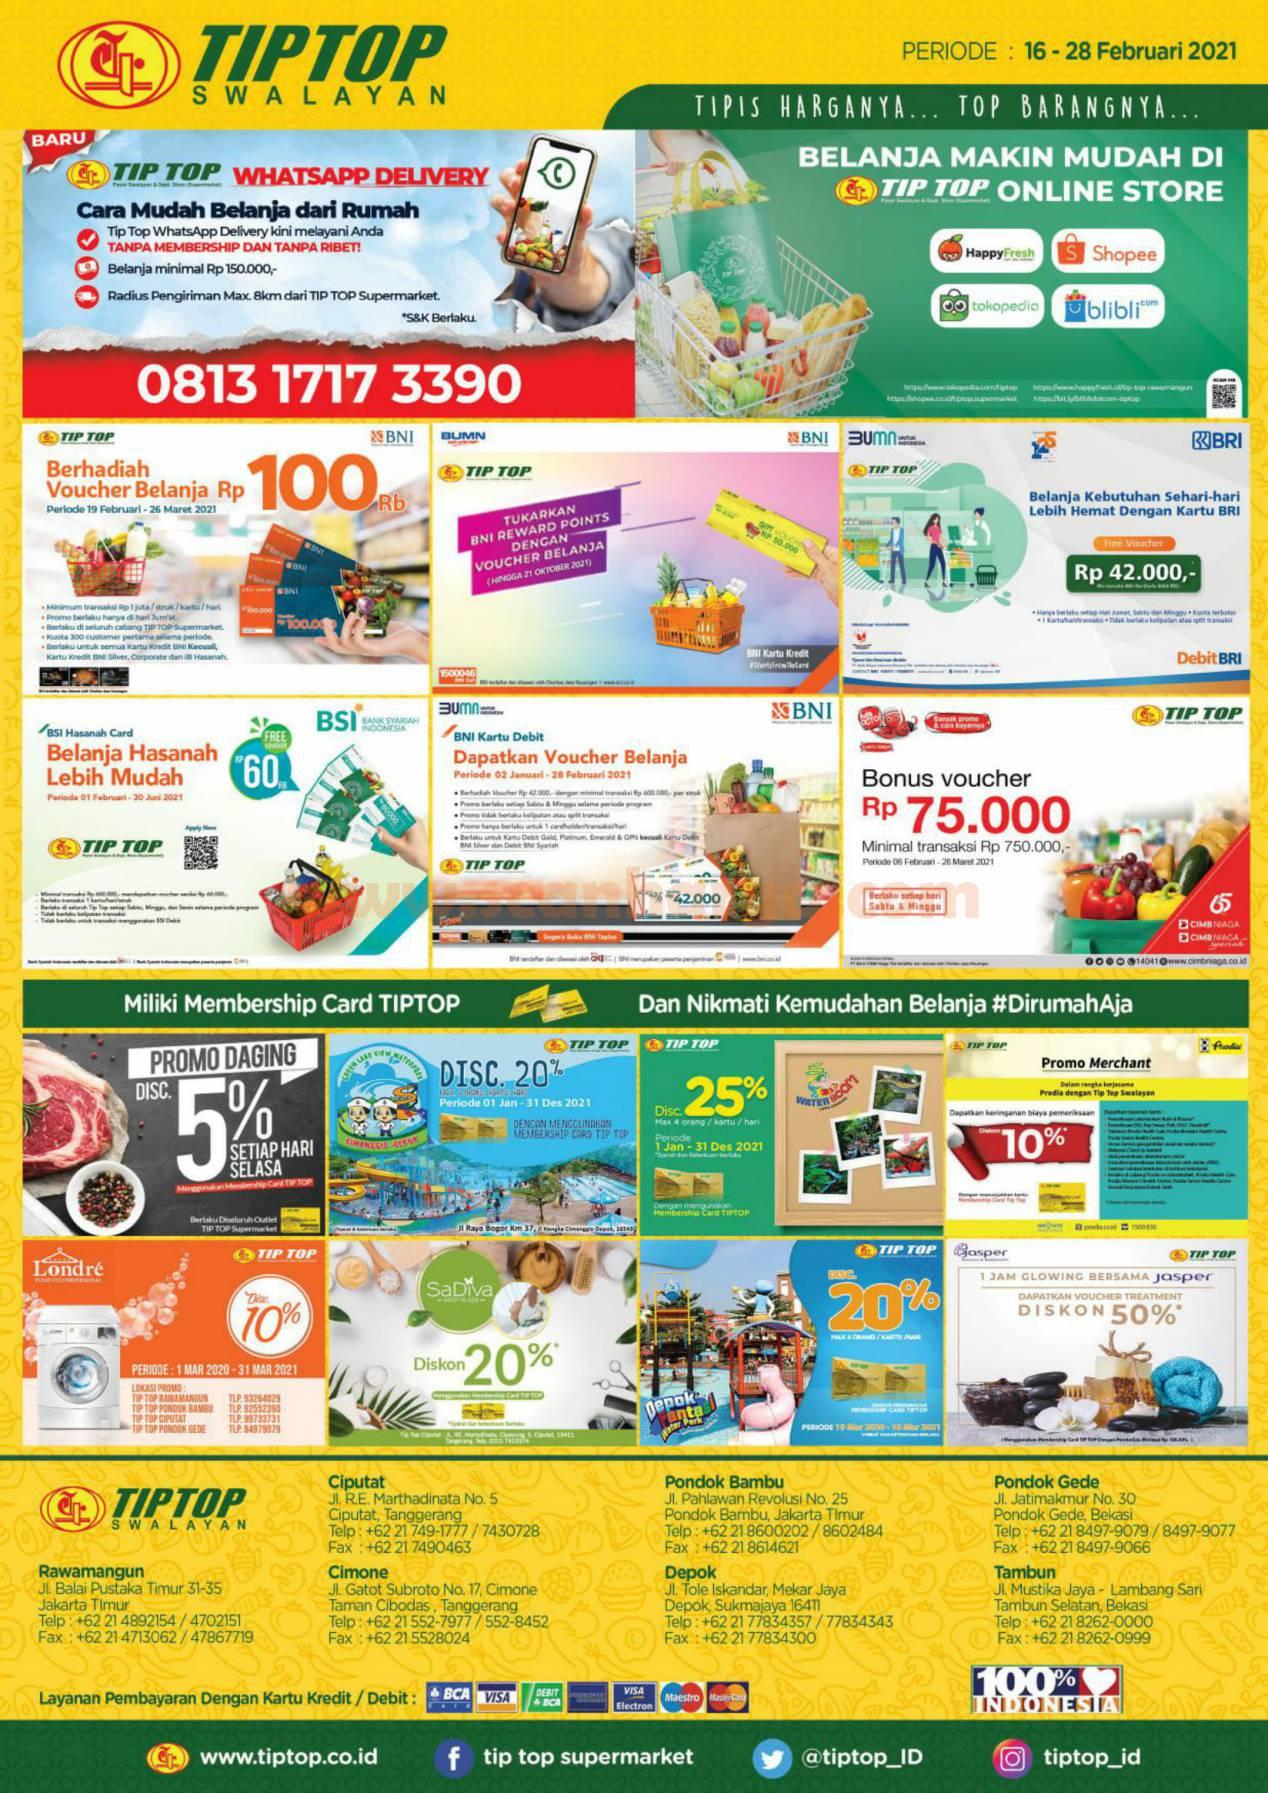 Katalog Promo Tip Top Pasar Swalayan 16 - 28 Februari 2021 12